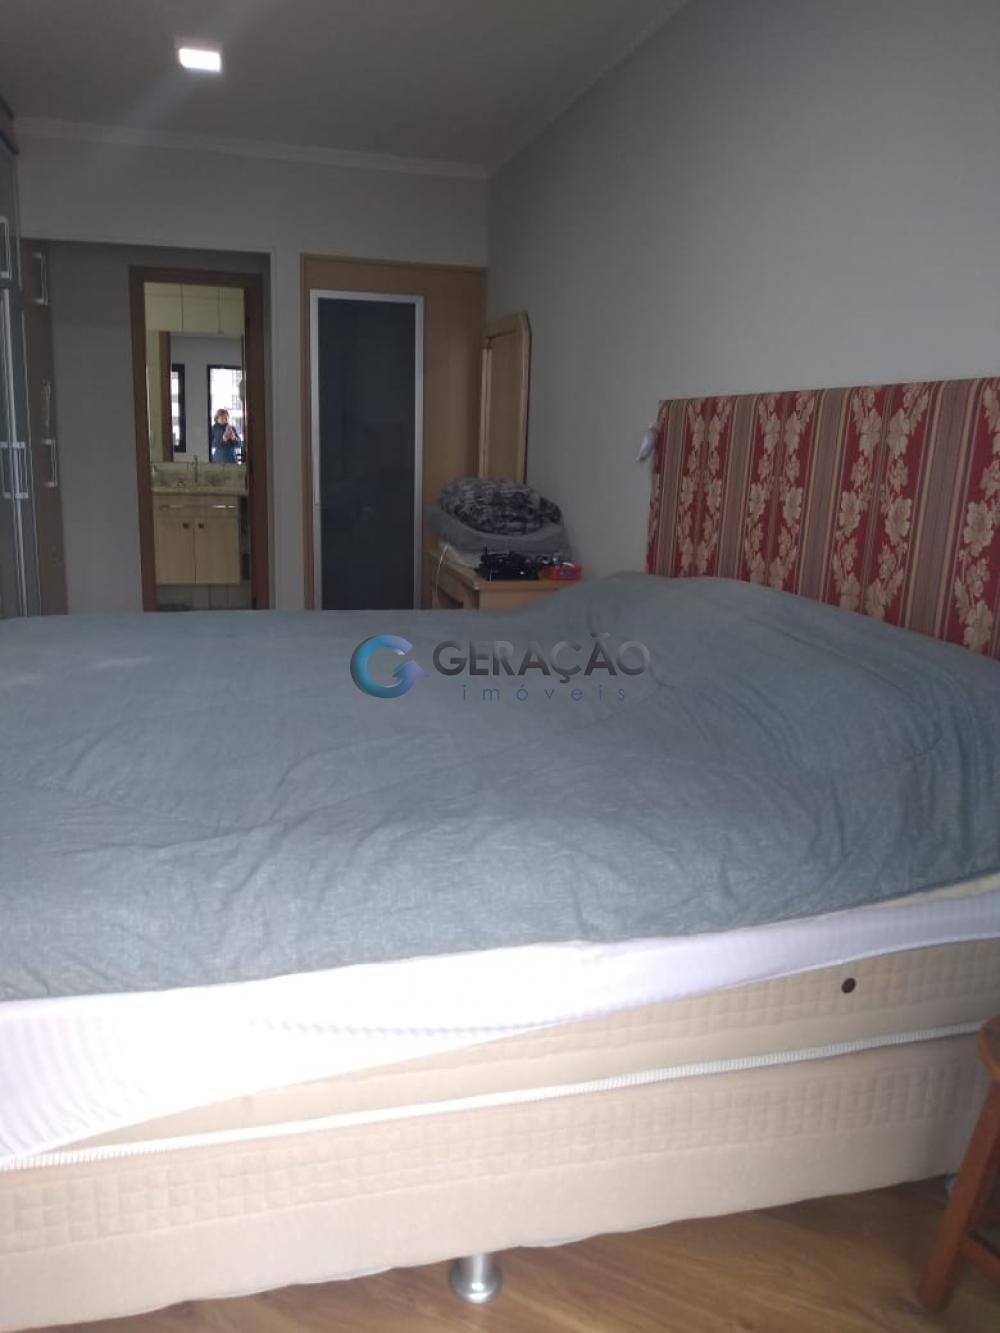 Comprar Apartamento / Padrão em São José dos Campos R$ 1.300.000,00 - Foto 15